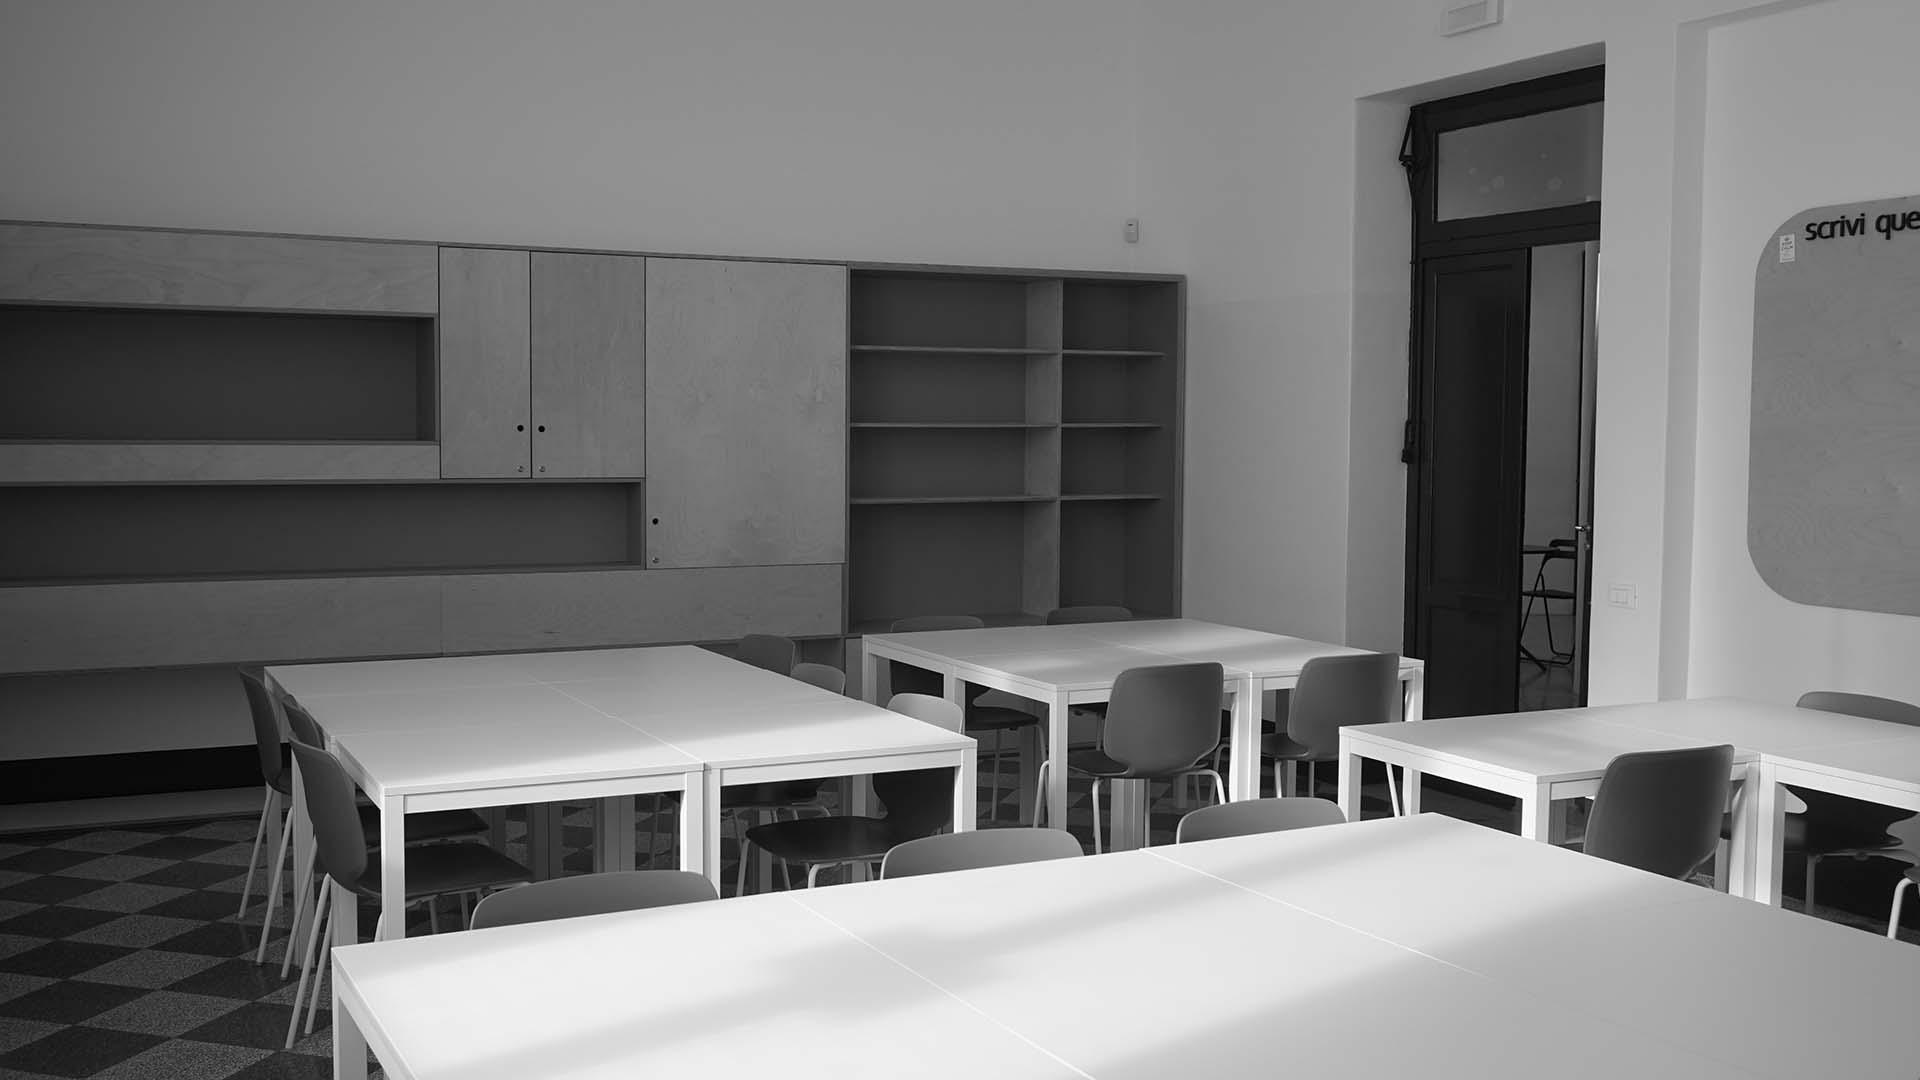 progettobasecamp-le-comunita-educanti-palermo-2